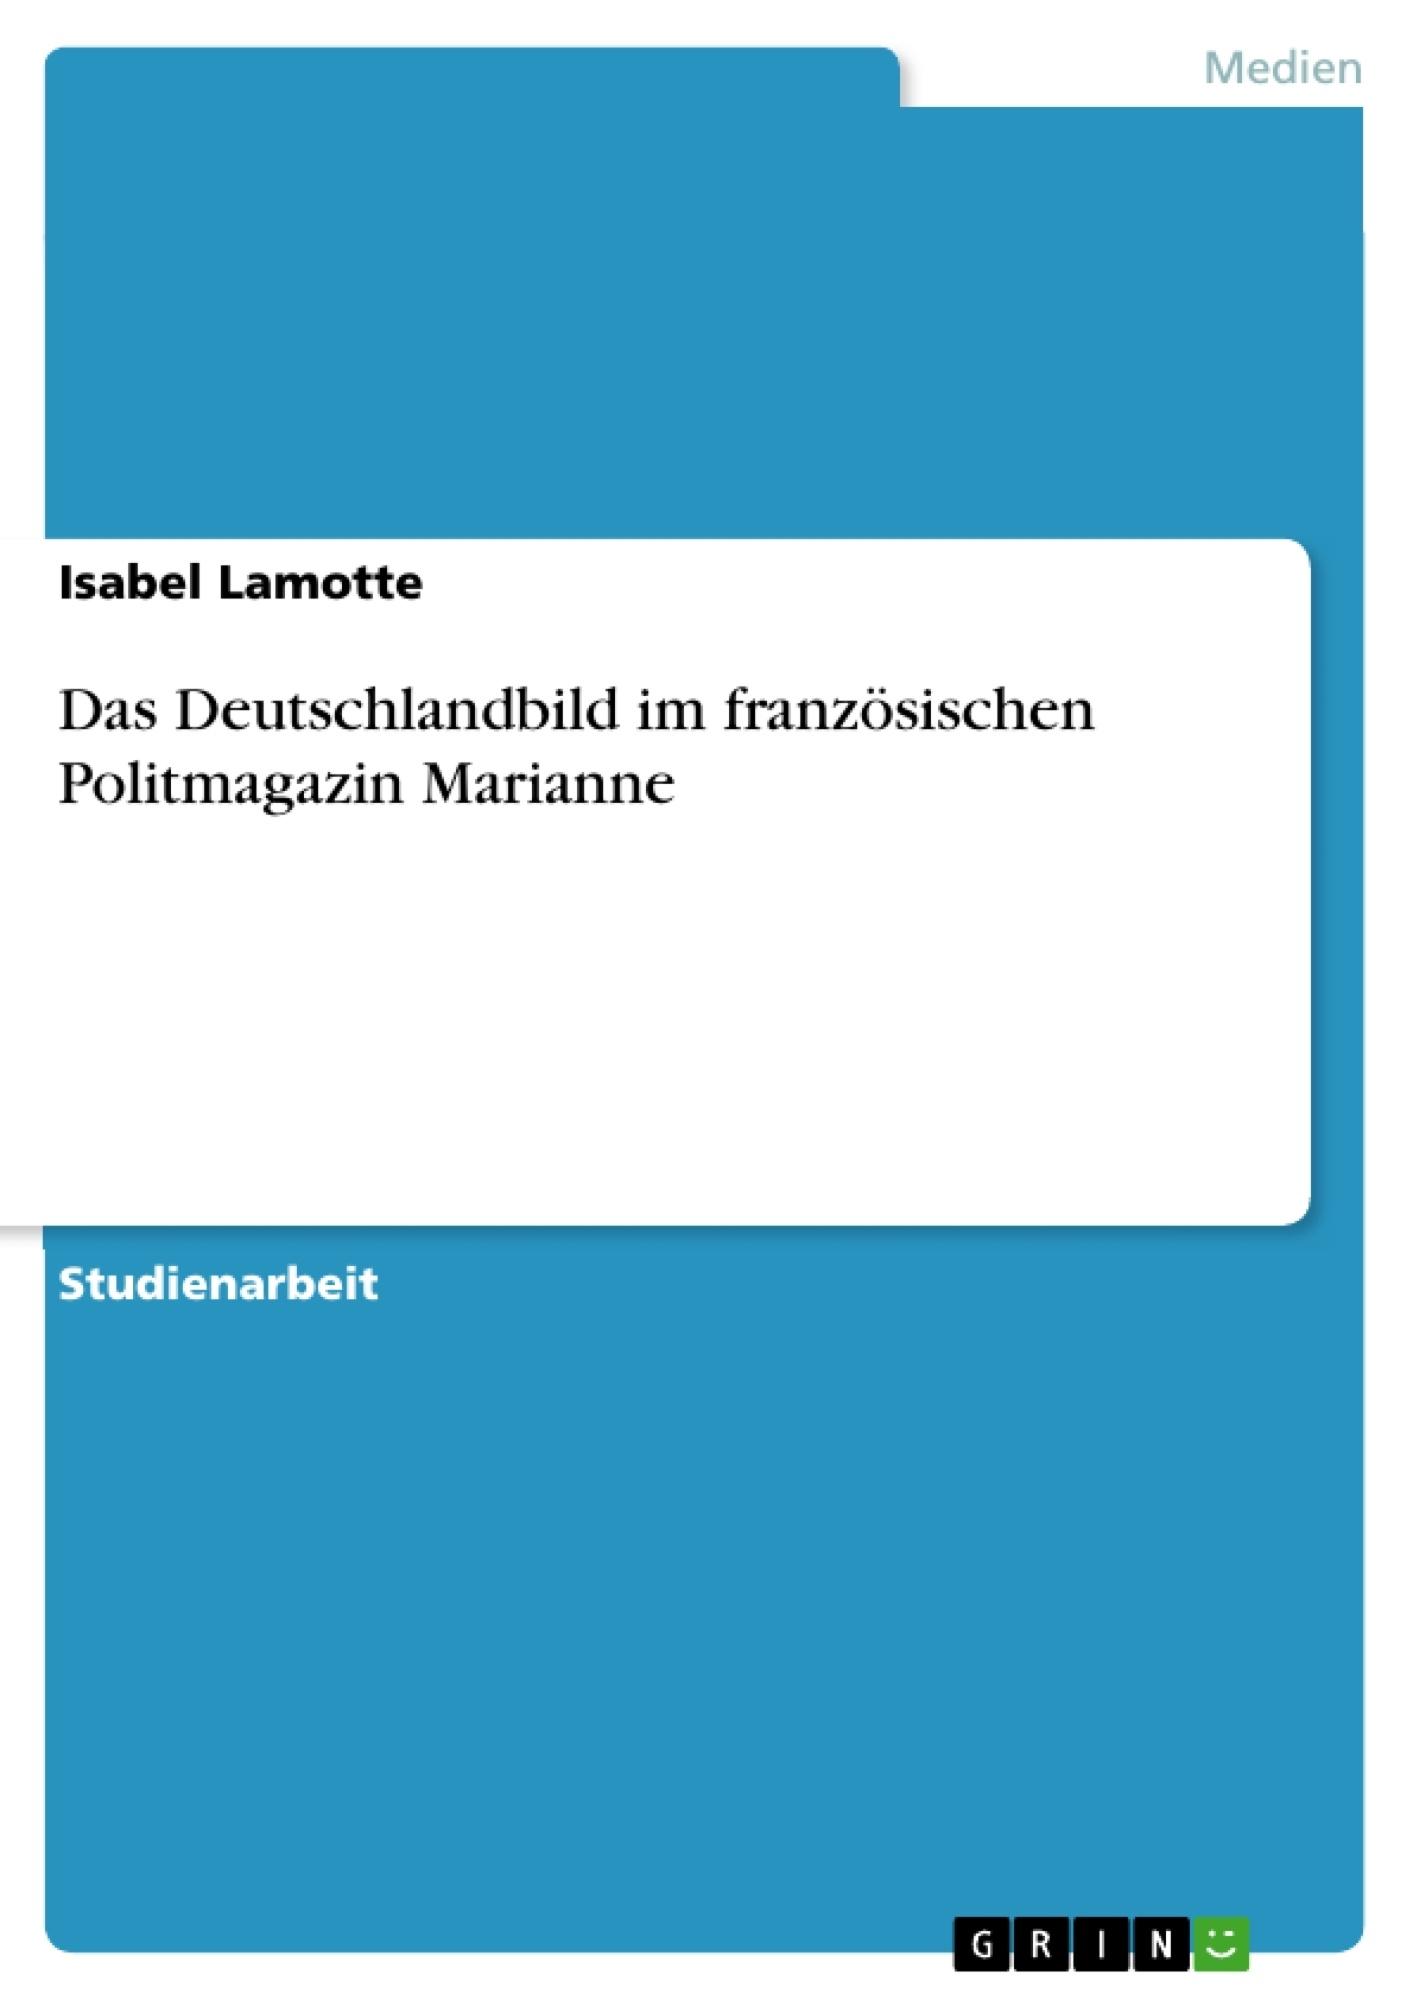 Titel: Das Deutschlandbild im französischen Politmagazin Marianne